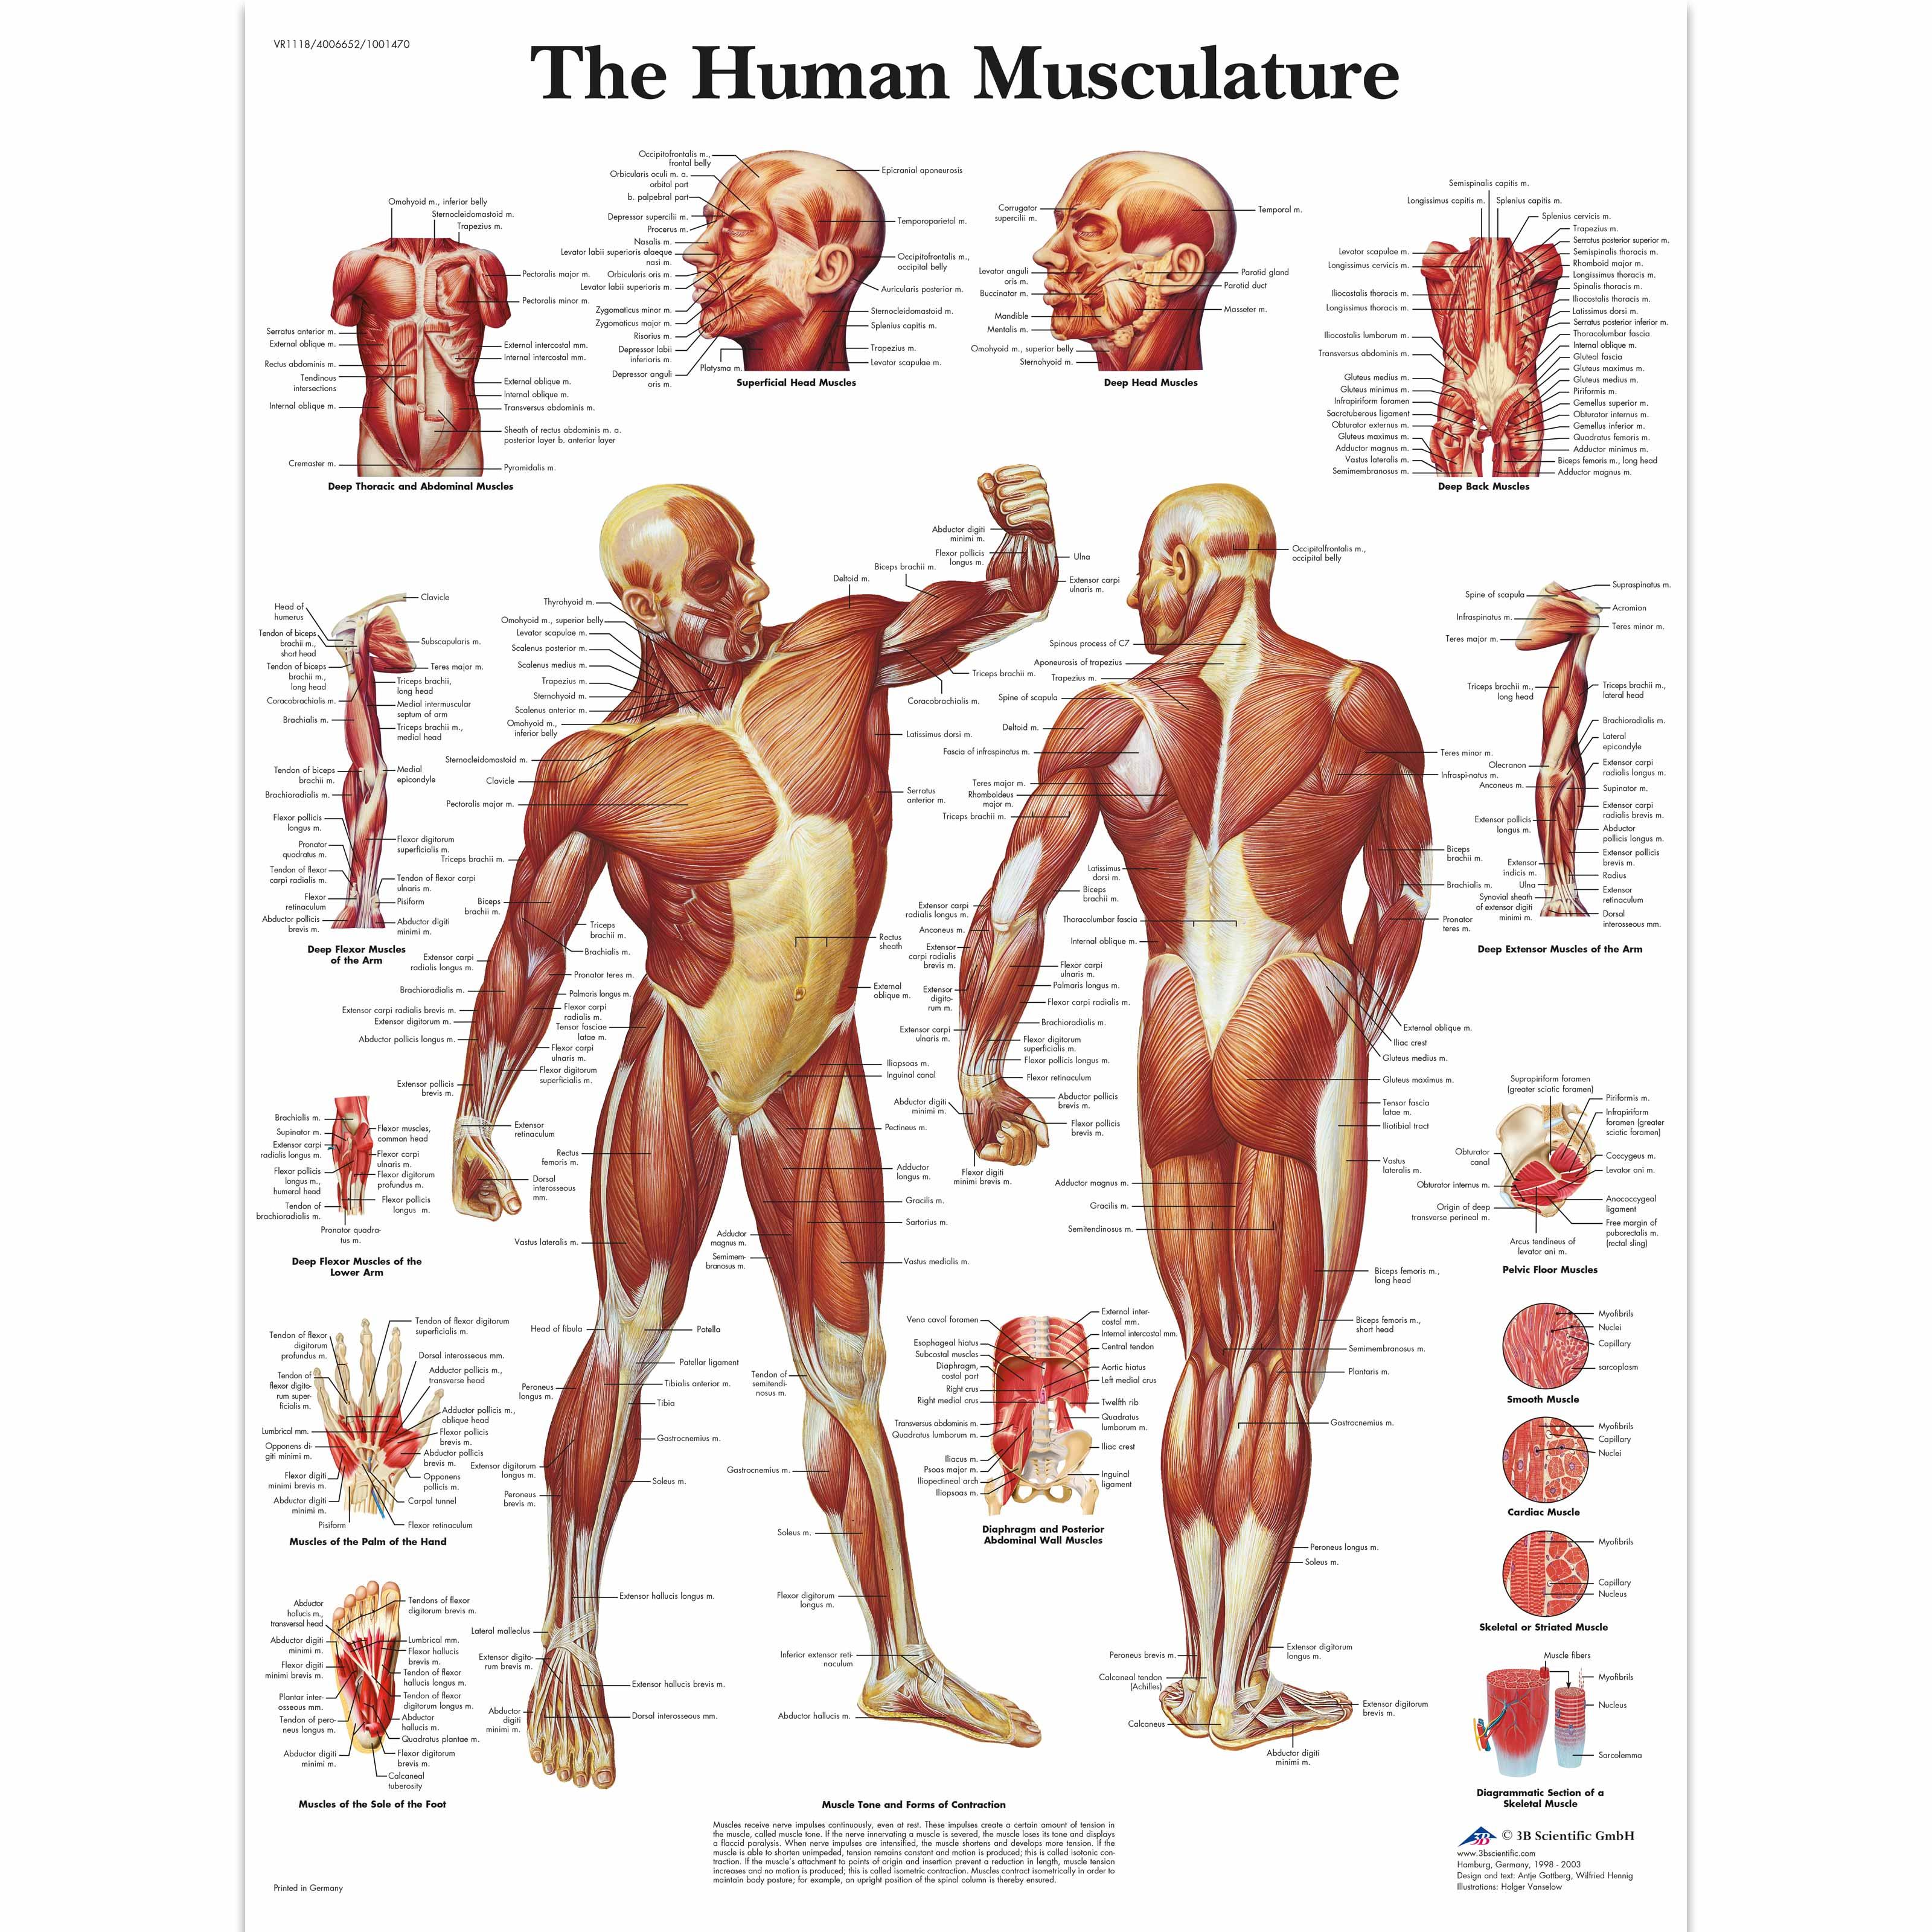 muscle anatomy chart: Human muscle chart human muscle poster human musculature chart